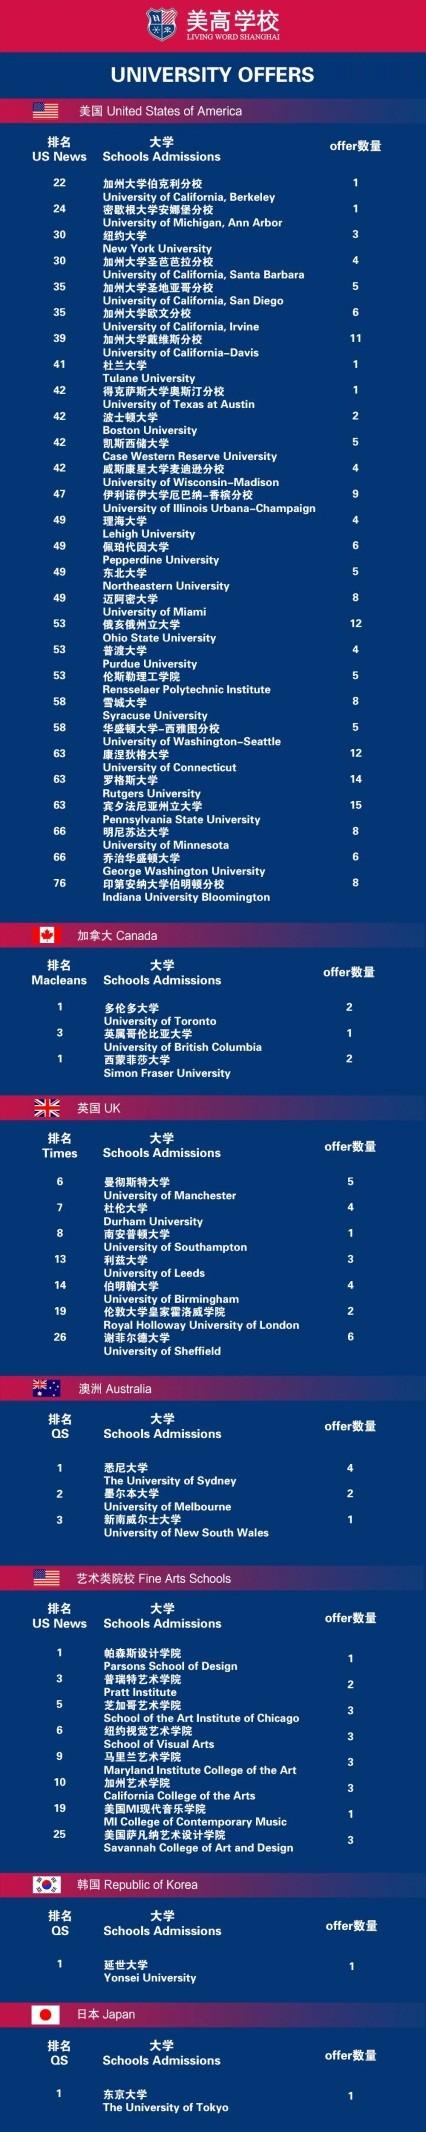 上海美高双语学校升学再创新高,90%学生斩获全美Top50录取Offer